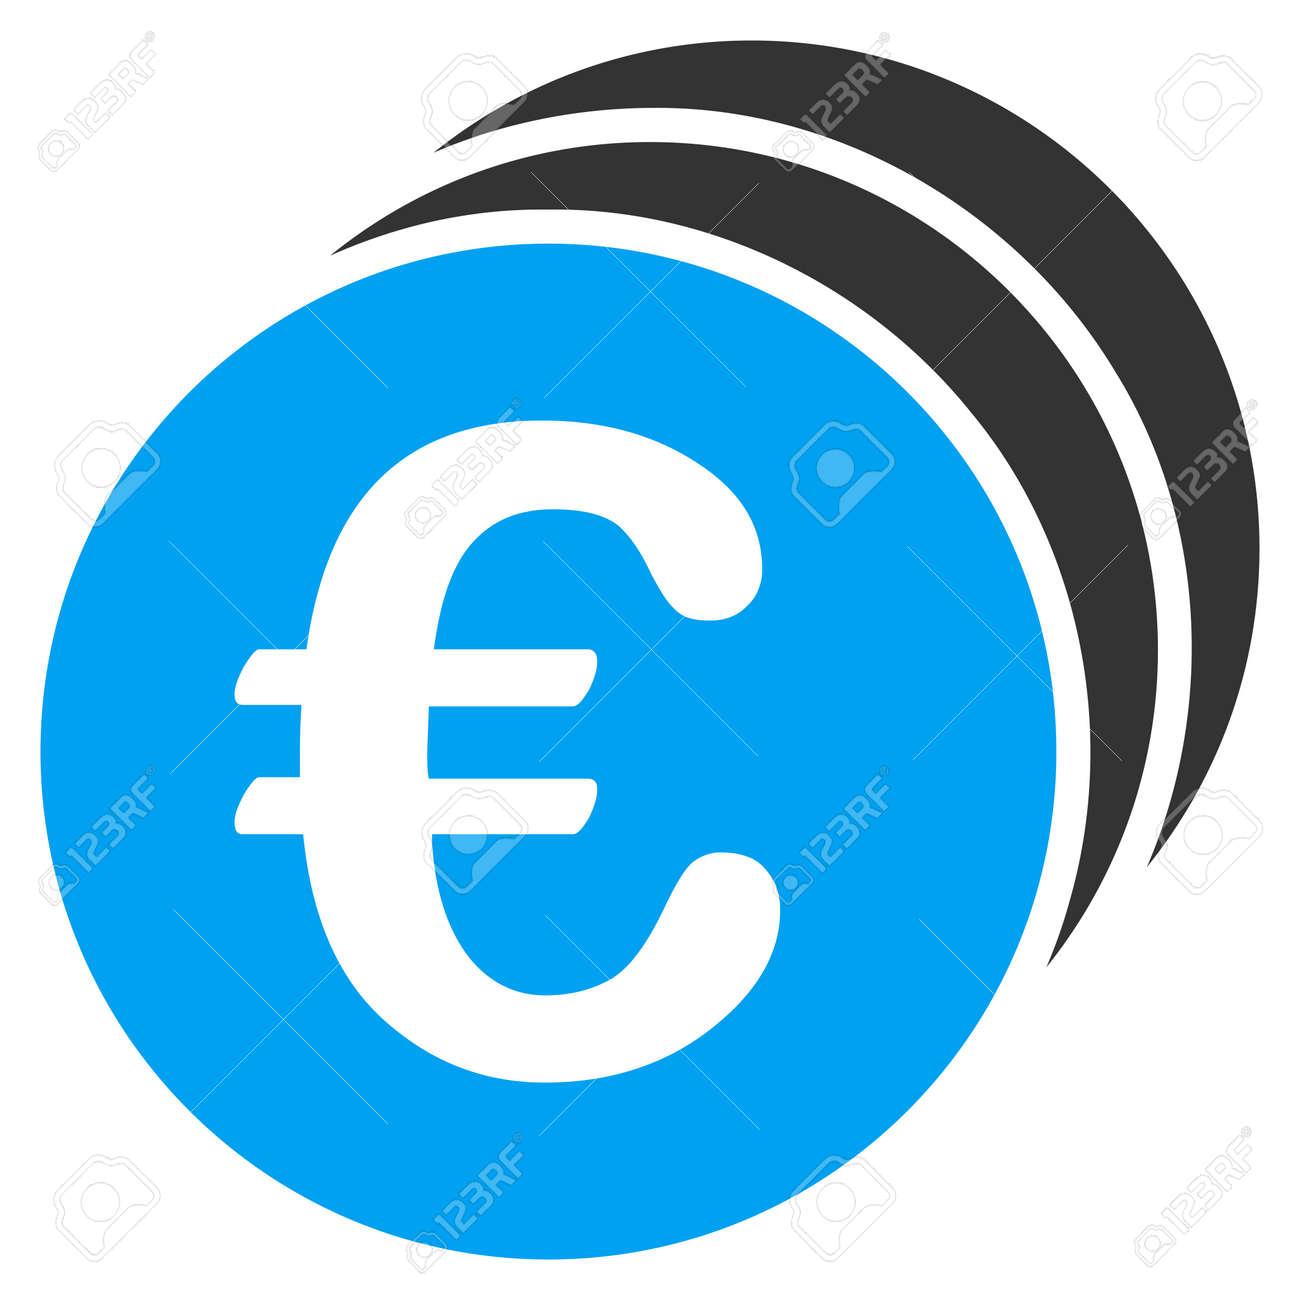 Euro Münzen Symbol Symbol Art Ist Bicolor Flaches Symbol Blaue Und